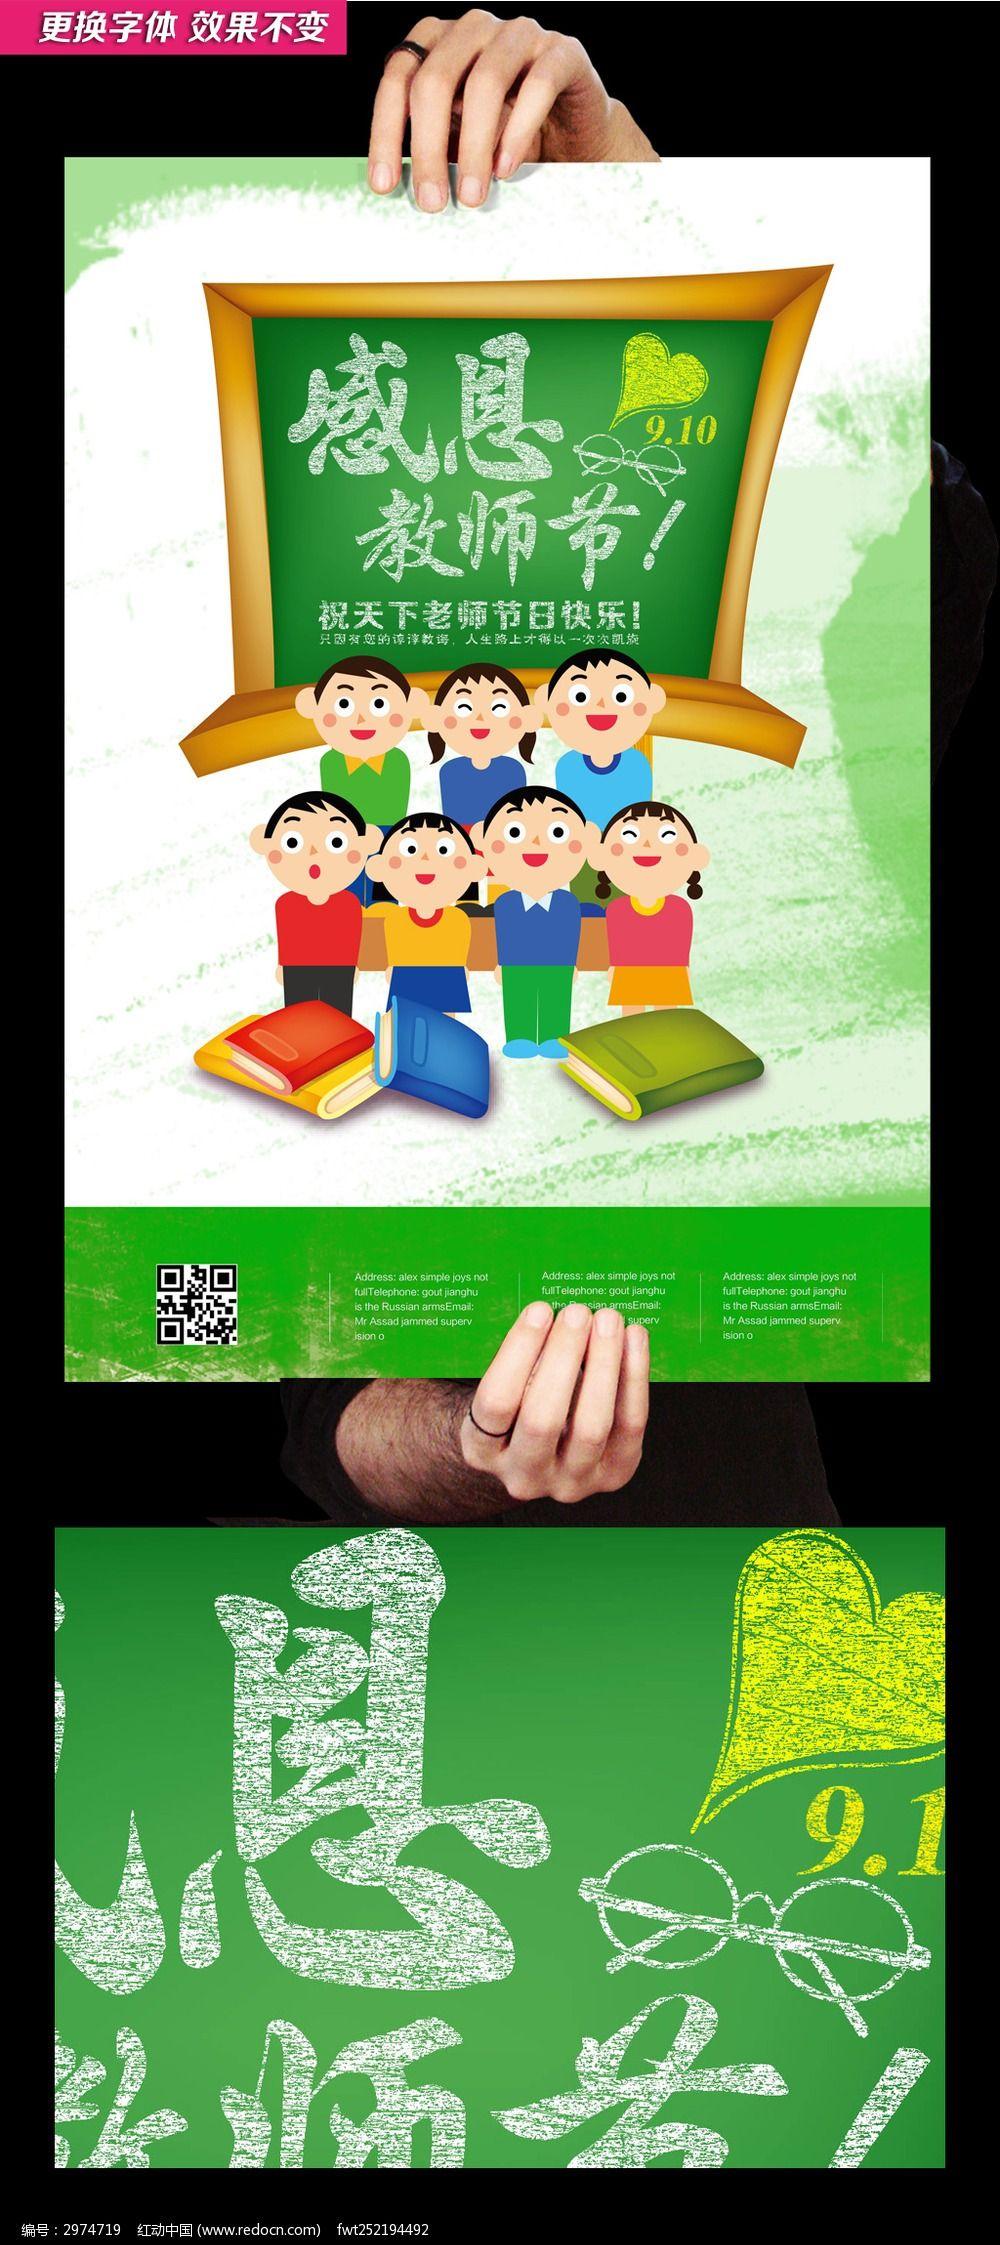 标签:教师节 教师节文艺晚会 感恩教师节 9月10 教师节背景 感恩 教师图片